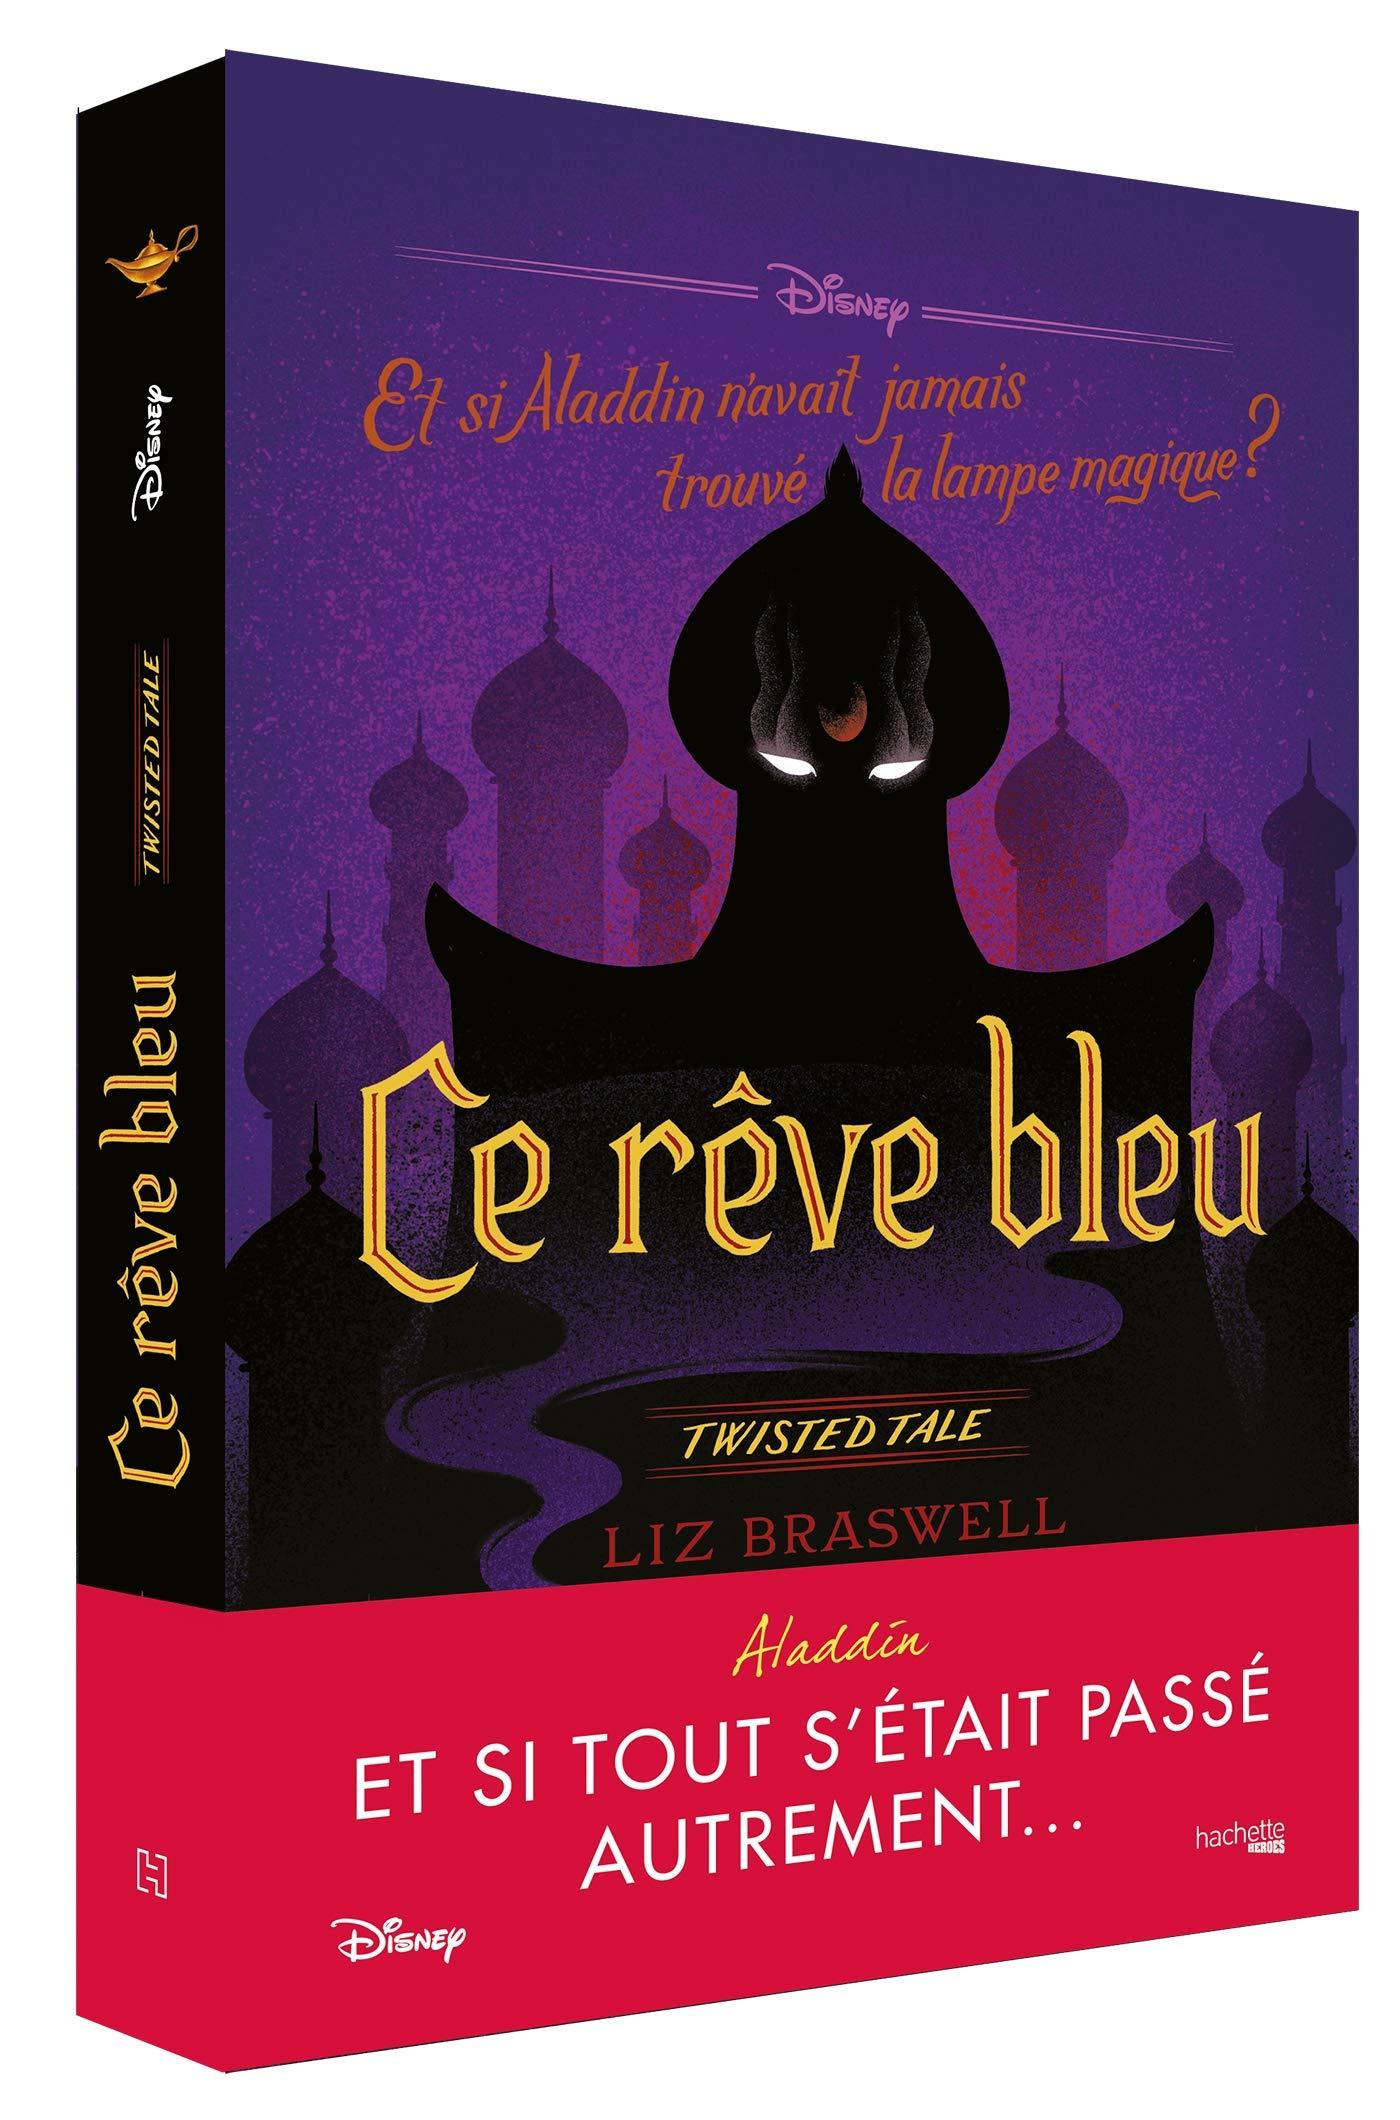 Disney Roman - Ce rêve bleu Twisted Tales